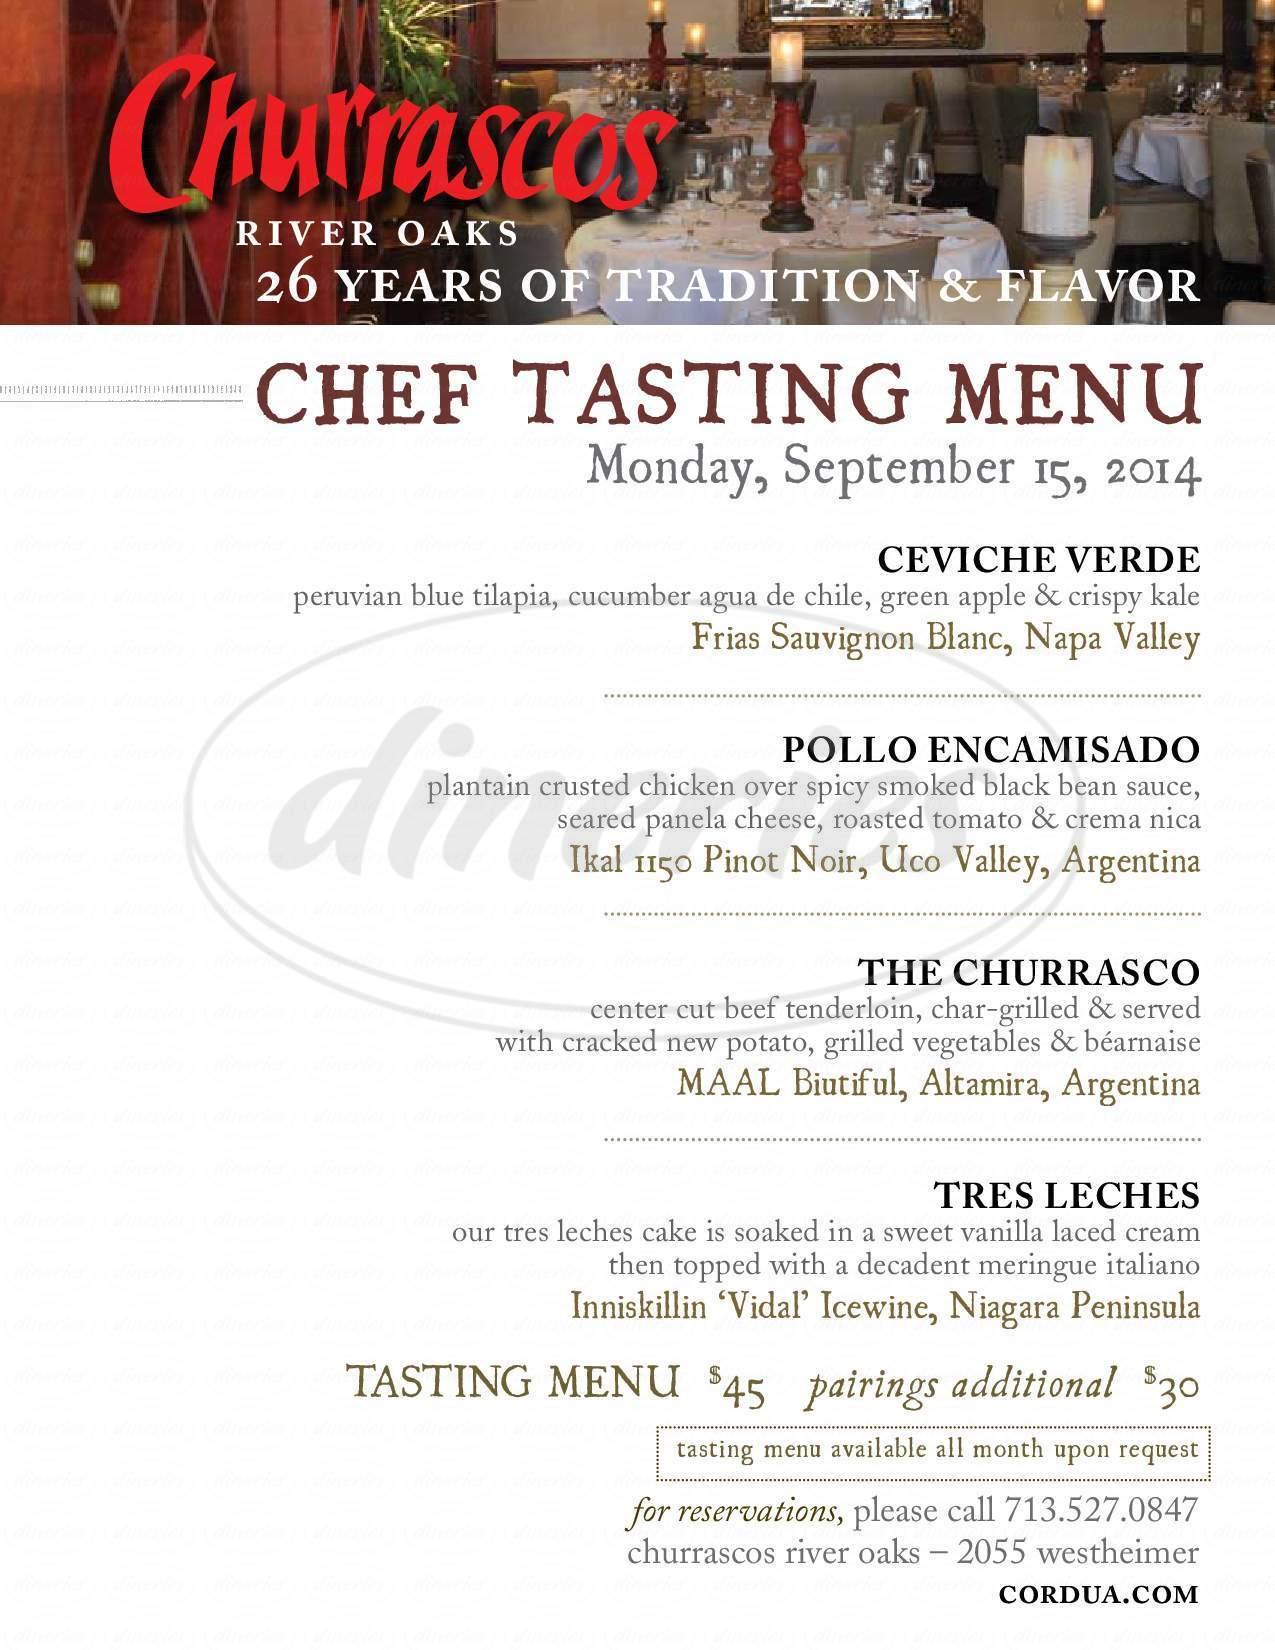 menu for Churrascos - River Oaks